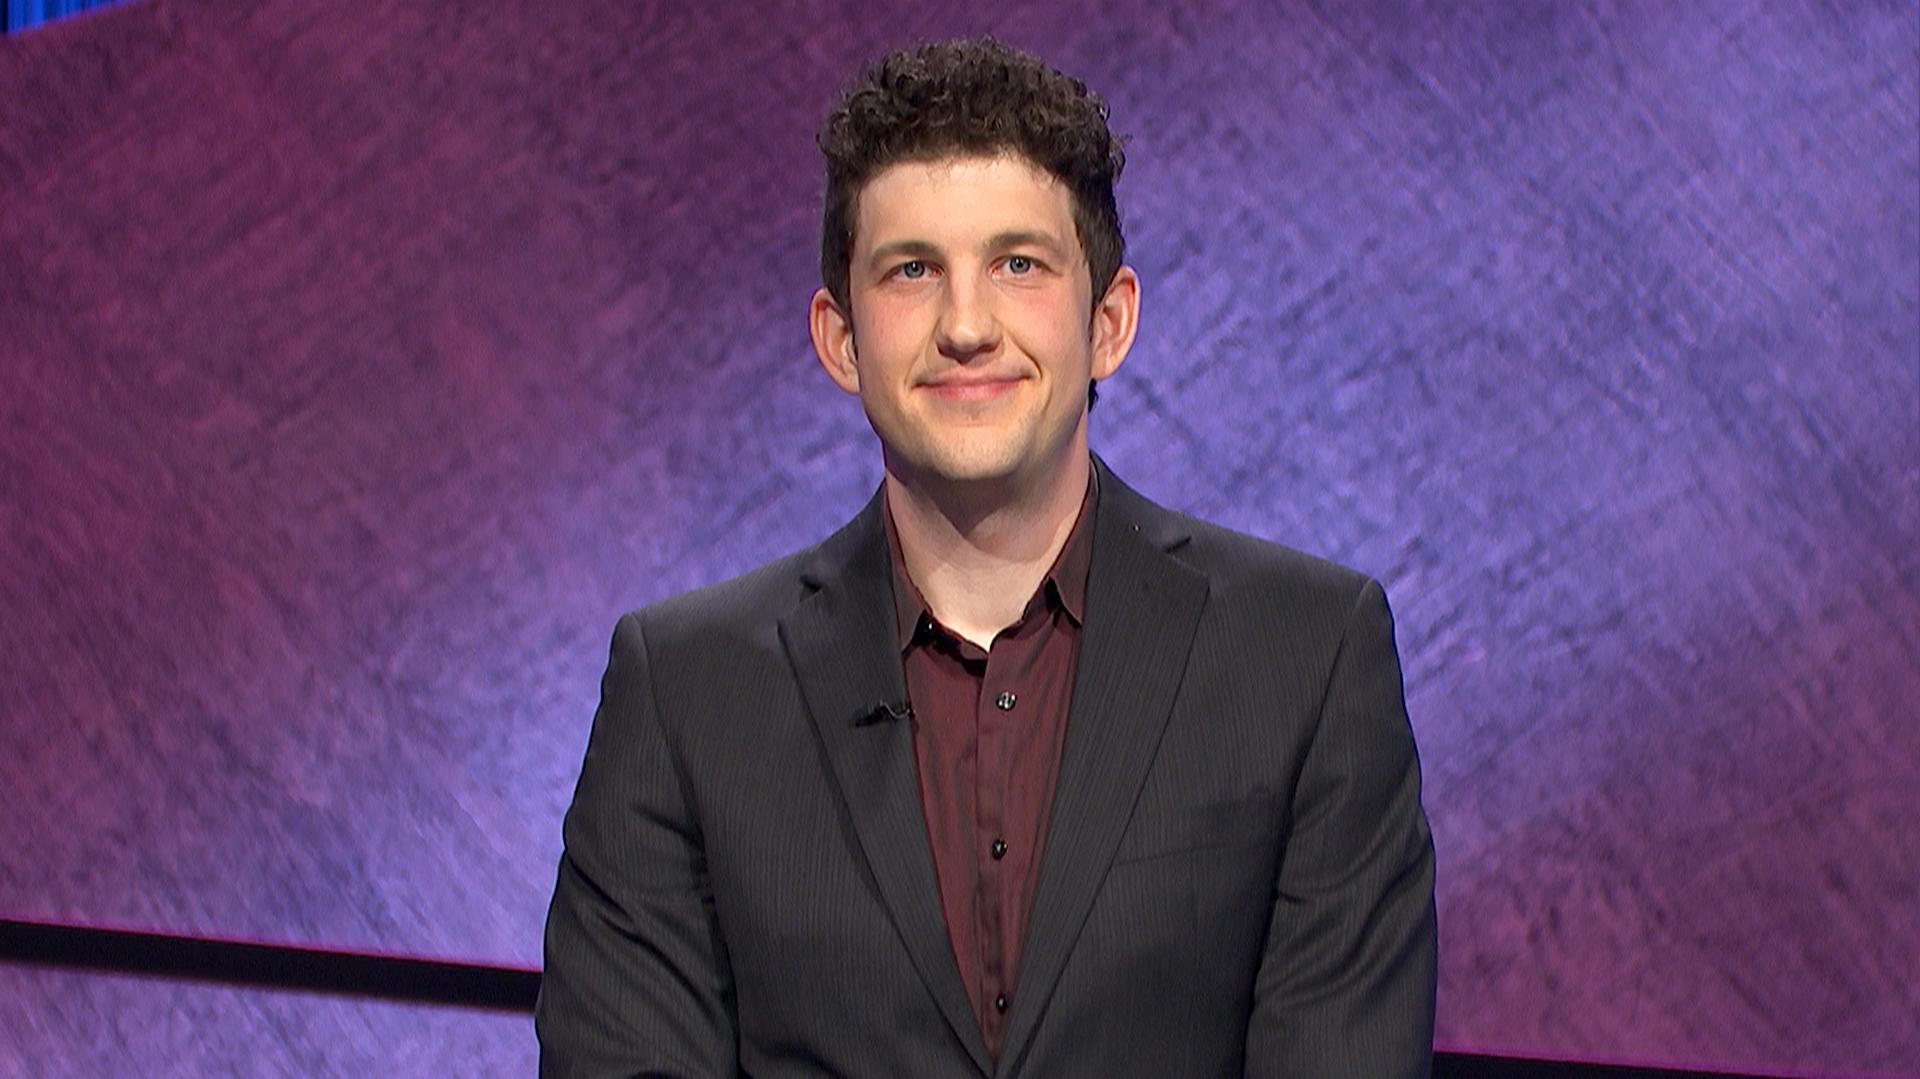 Matt Amodio Jeopardy Champion